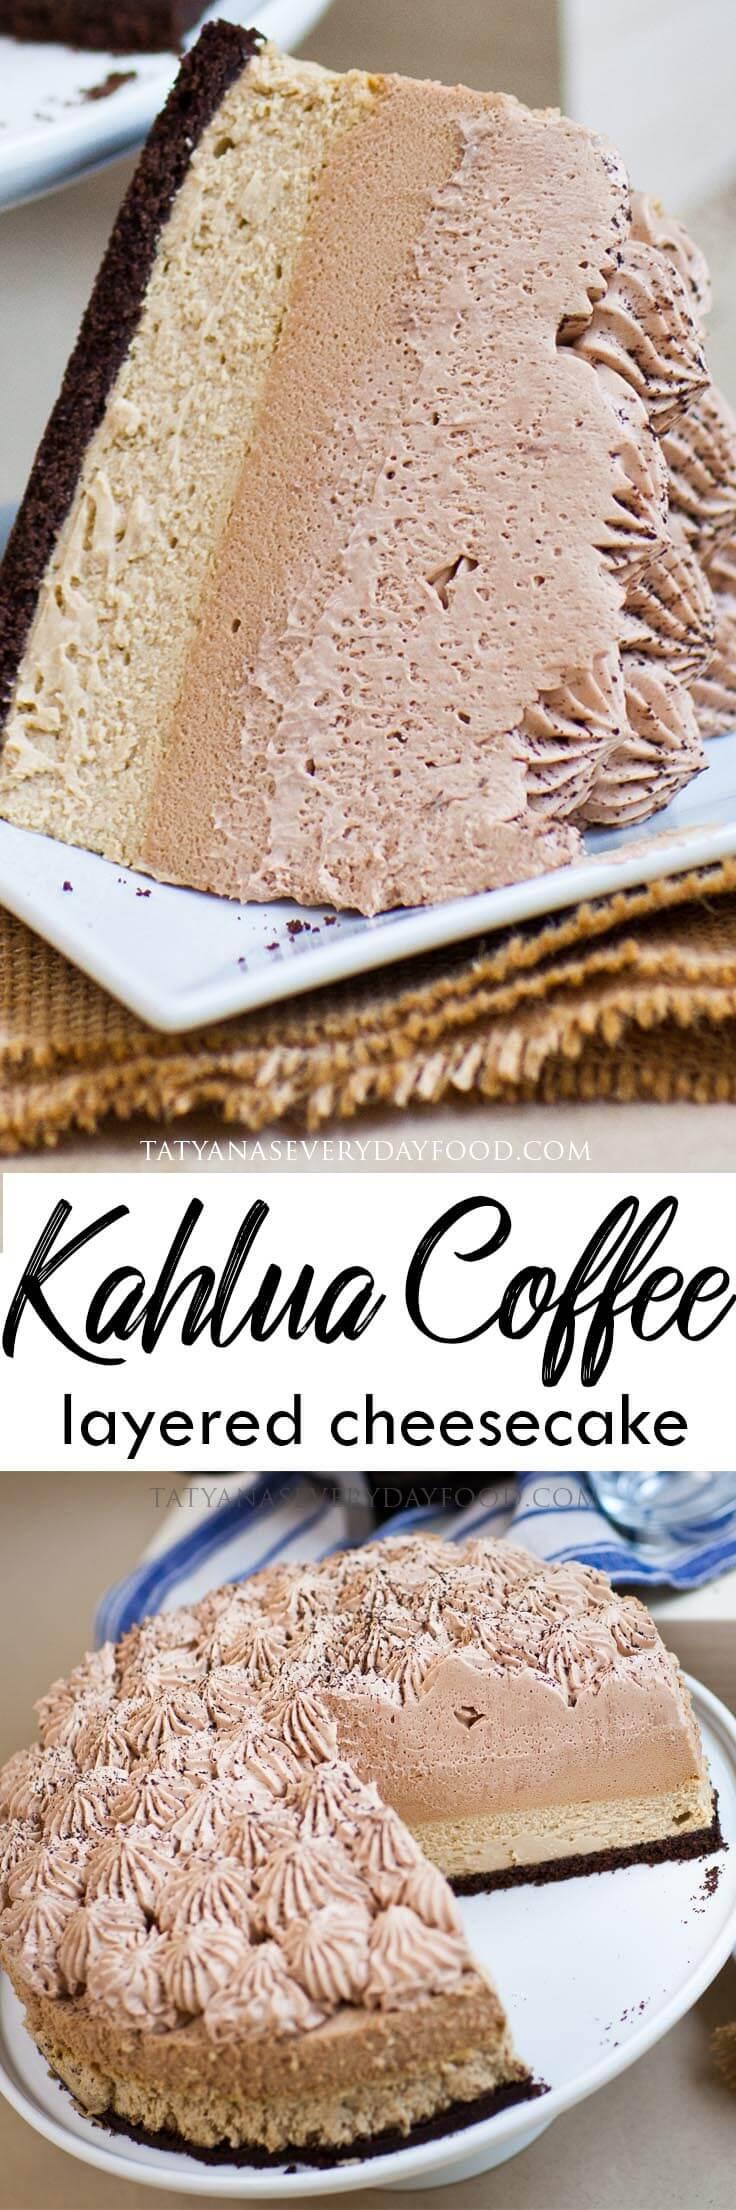 Kahlua Coffee Cheesecake video recipe